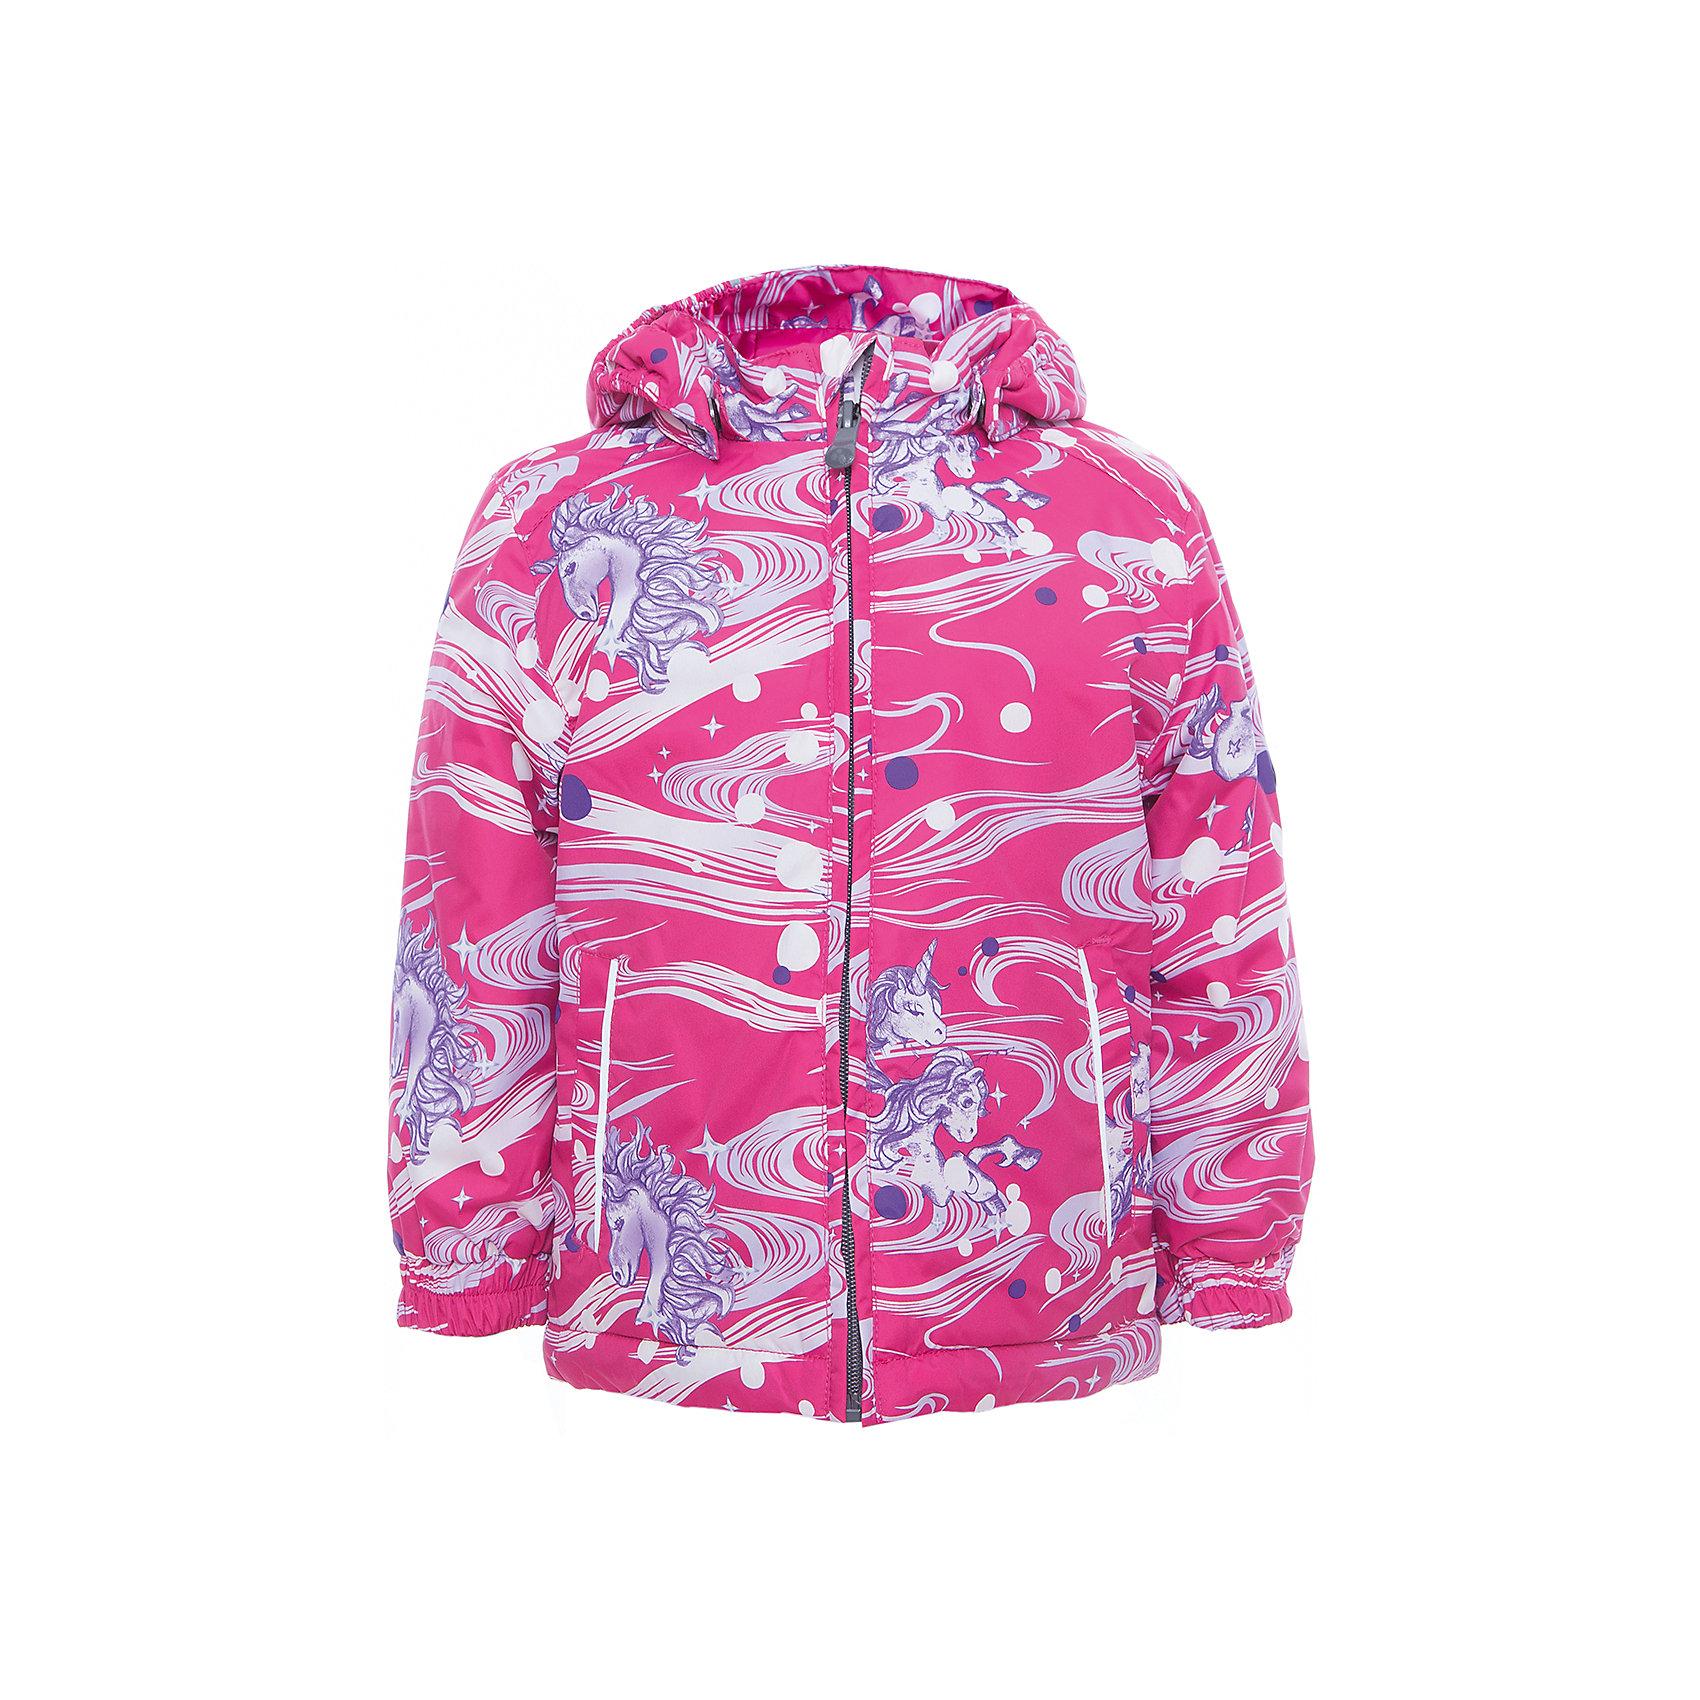 Куртка JODY для девочки HuppaВерхняя одежда<br>Характеристики товара:<br><br>• цвет: розовый<br>• ткань: 100% полиэстер<br>• подкладка: тафта - 100% полиэстер<br>• утеплитель: 100% полиэстер 100 г<br>• температурный режим: от -5°С до +15°С<br>• водонепроницаемость: 10000 мм<br>• воздухопроницаемость: 10000 мм<br>• светоотражающие детали<br>• эластичные манжеты<br>• молния<br>• съёмный капюшон<br>• комфортная посадка<br>• коллекция: весна-лето 2017<br>• страна бренда: Эстония<br><br>Эта стильная куртка обеспечит детям тепло и комфорт. Она сделана из материала, отталкивающего воду, и дополнено подкладкой с утеплителем, поэтому изделие идеально подходит для межсезонья. Материал изделия - с мембранной технологией: защищая от влаги и ветра, он легко выводит лишнюю влагу наружу. Для удобства сделан капюшон. Куртка очень симпатично смотрится, яркая расцветка и крой добавляют ему оригинальности. Модель была разработана специально для детей.<br><br>Одежда и обувь от популярного эстонского бренда Huppa - отличный вариант одеть ребенка можно и комфортно. Вещи, выпускаемые компанией, качественные, продуманные и очень удобные. Для производства изделий используются только безопасные для детей материалы. Продукция от Huppa порадует и детей, и их родителей!<br><br>Куртку JODY от бренда Huppa (Хуппа) можно купить в нашем интернет-магазине.<br><br>Ширина мм: 356<br>Глубина мм: 10<br>Высота мм: 245<br>Вес г: 519<br>Цвет: лиловый<br>Возраст от месяцев: 132<br>Возраст до месяцев: 144<br>Пол: Женский<br>Возраст: Детский<br>Размер: 152,92,98,104,110,116,122,128,134,140,146<br>SKU: 5346973